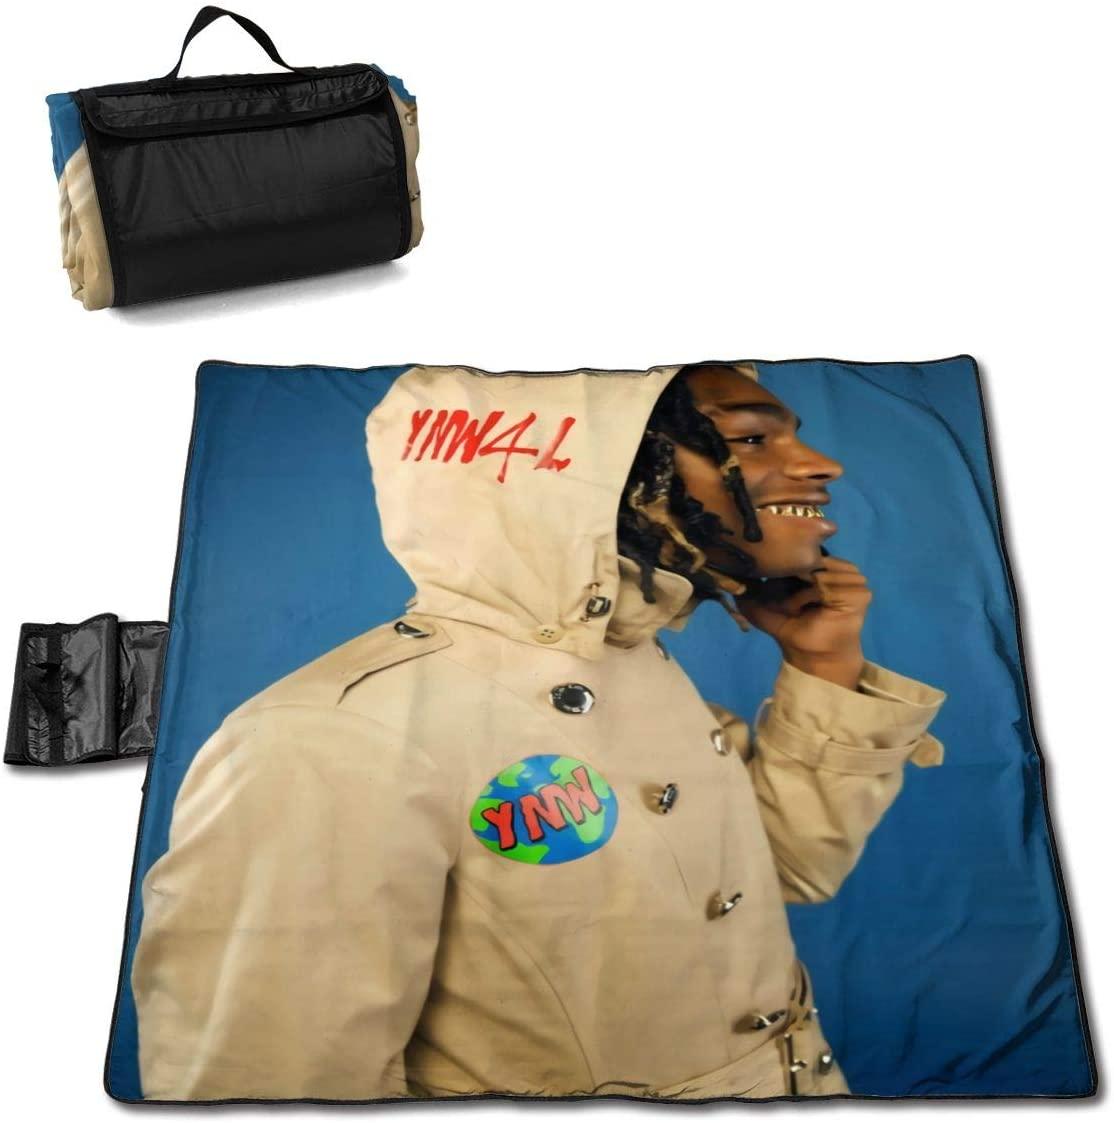 Htw Y-N-Wmelly Portable Printed Picnic Blanket Waterproof 59x57(in)